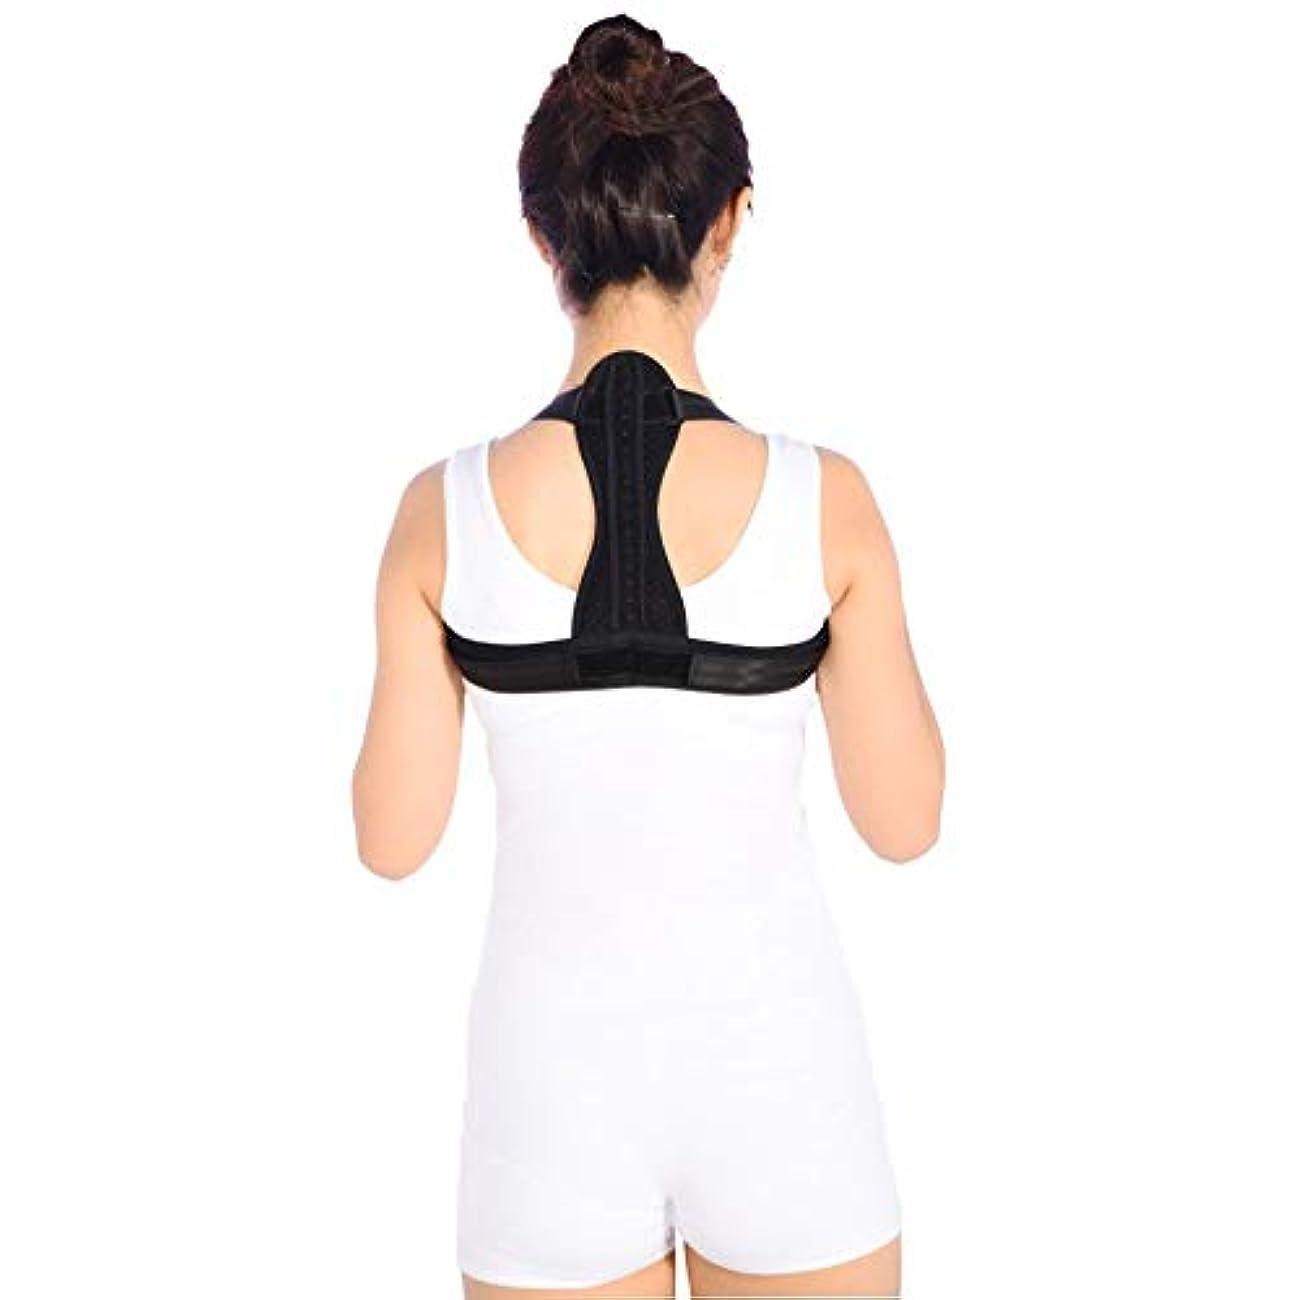 手配する適格専門用語通気性の脊柱側弯症ザトウクジラ補正ベルト調節可能な快適さ目に見えないベルト男性女性大人学生子供 - 黒